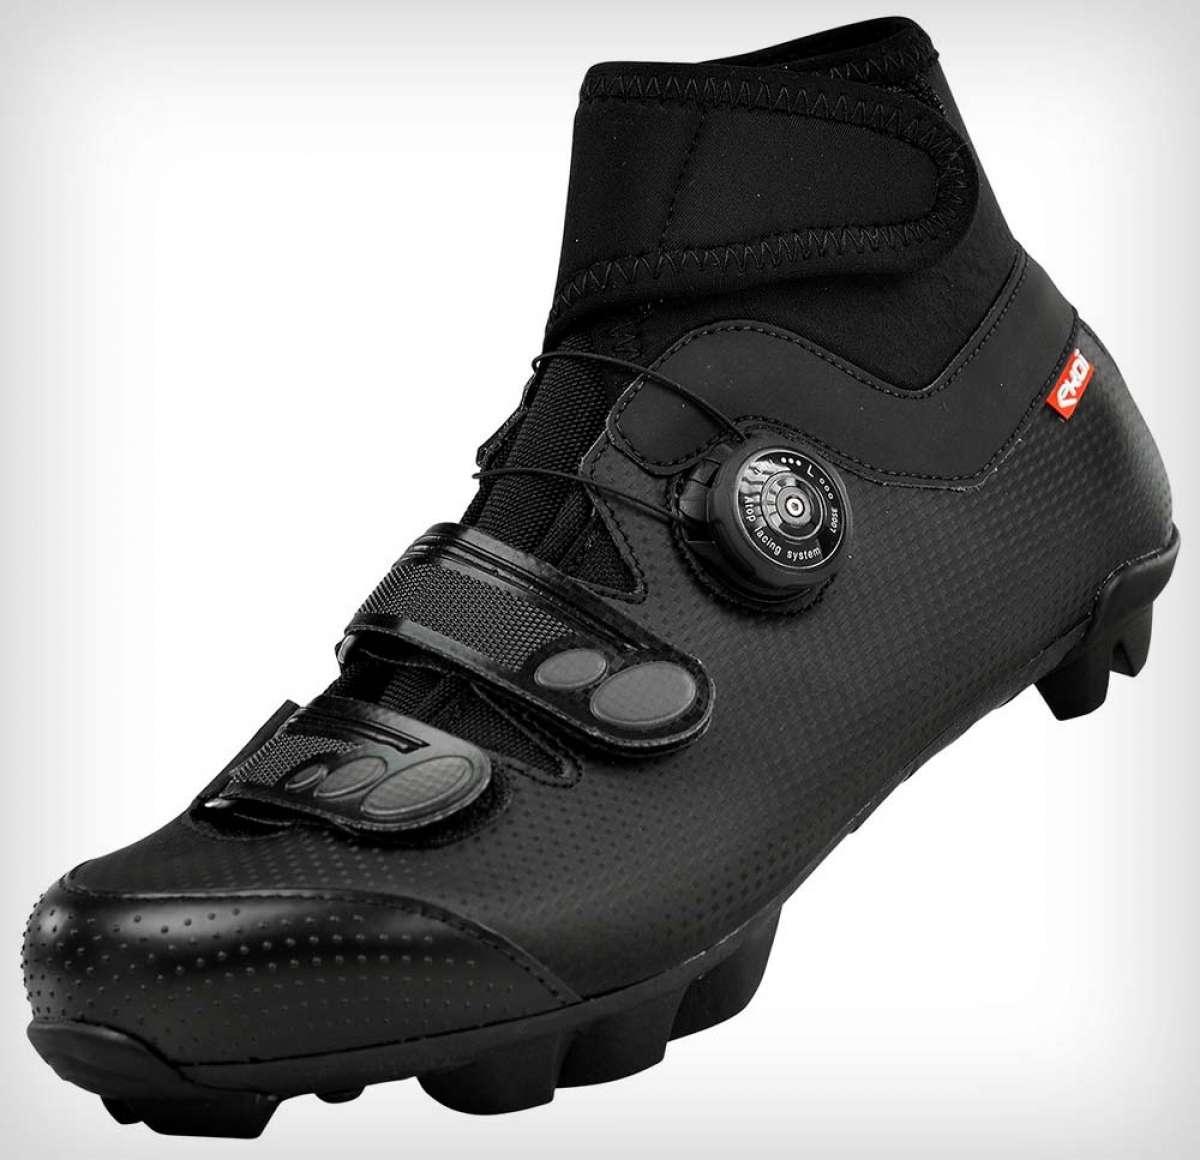 Ekoï Winter Carbon, unas zapatillas de invierno con forro de neopreno y suela de carbono